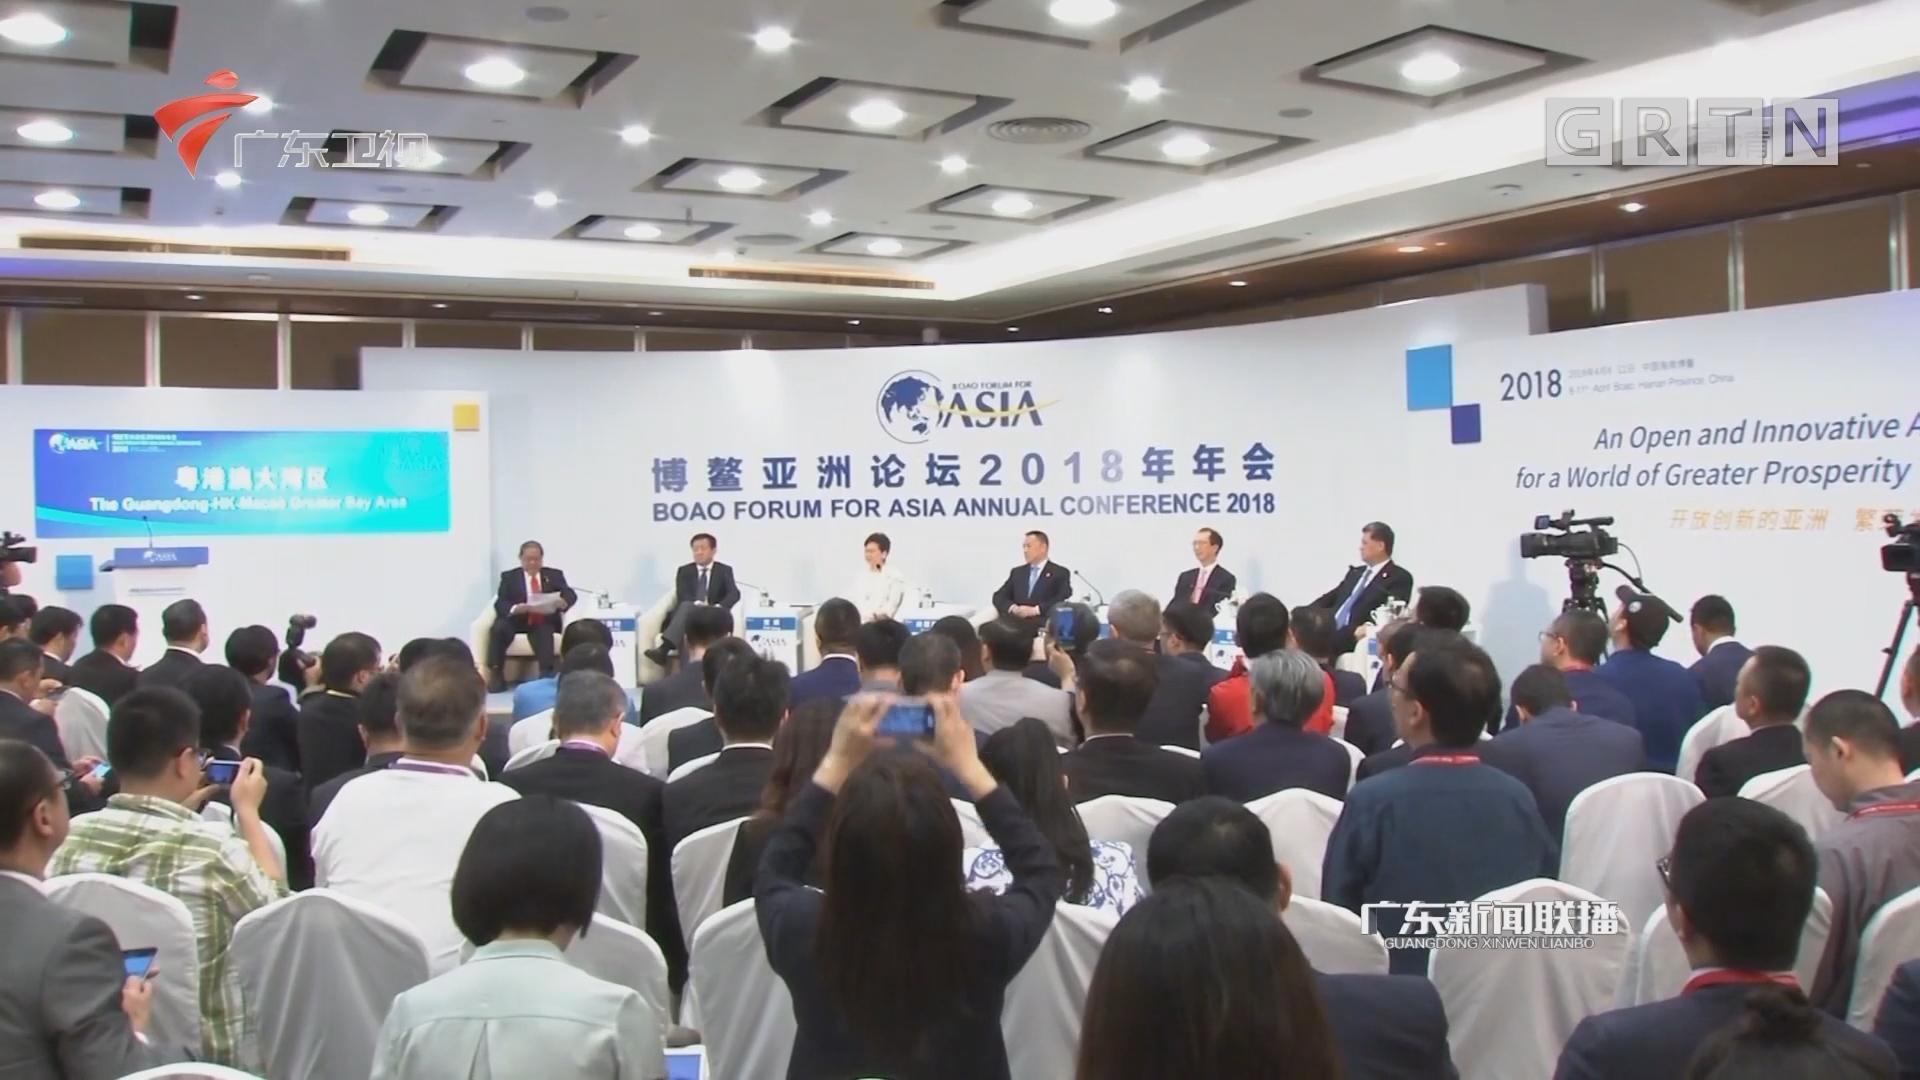 马兴瑞率省政府代表团参加博鳌亚洲论坛2018年年会系列活动